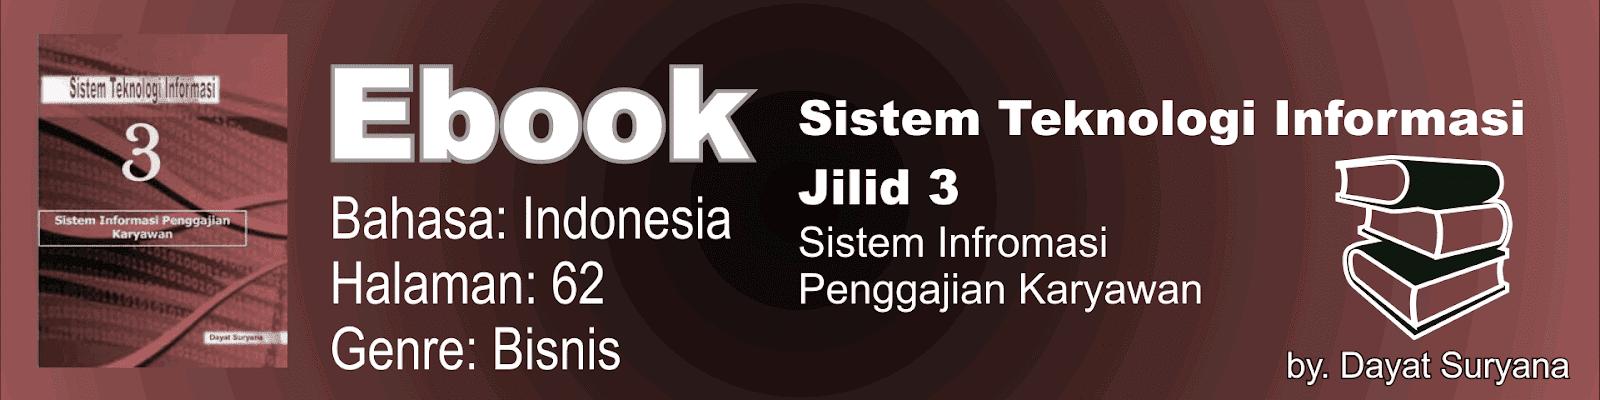 Buku Sistem Teknologi Informasi Jilid 3